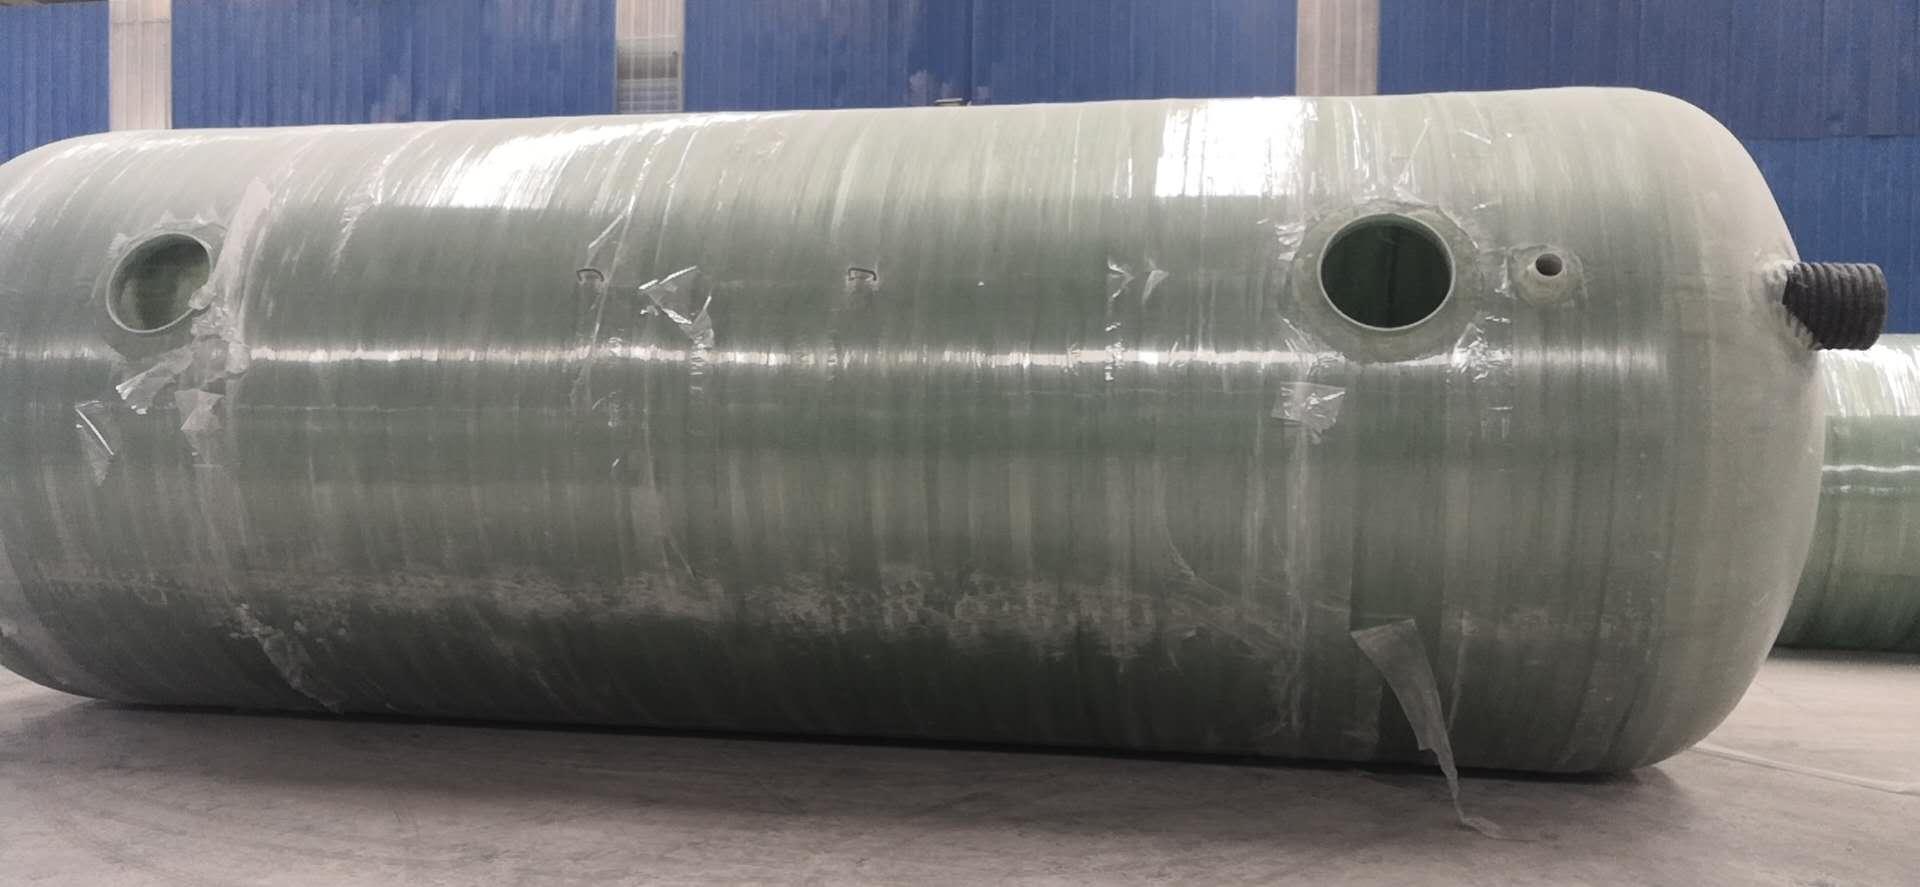 生产玻璃钢化粪池厂家-玻璃钢化粪池厂家价格行情